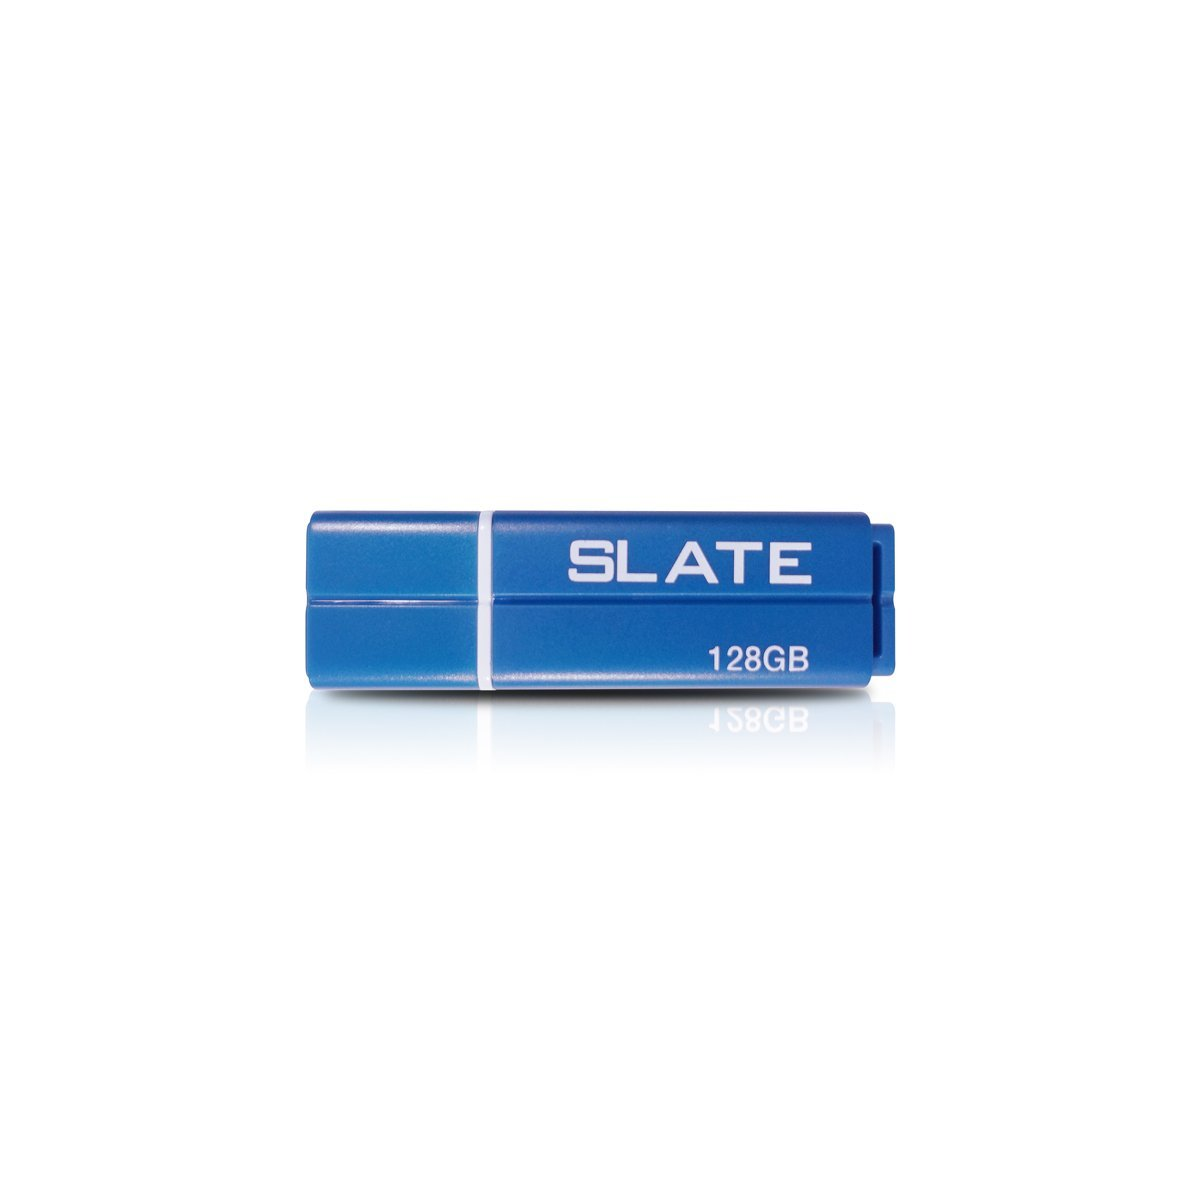 Flash Drive Patriot Slate USB 3.1 128GB Blue